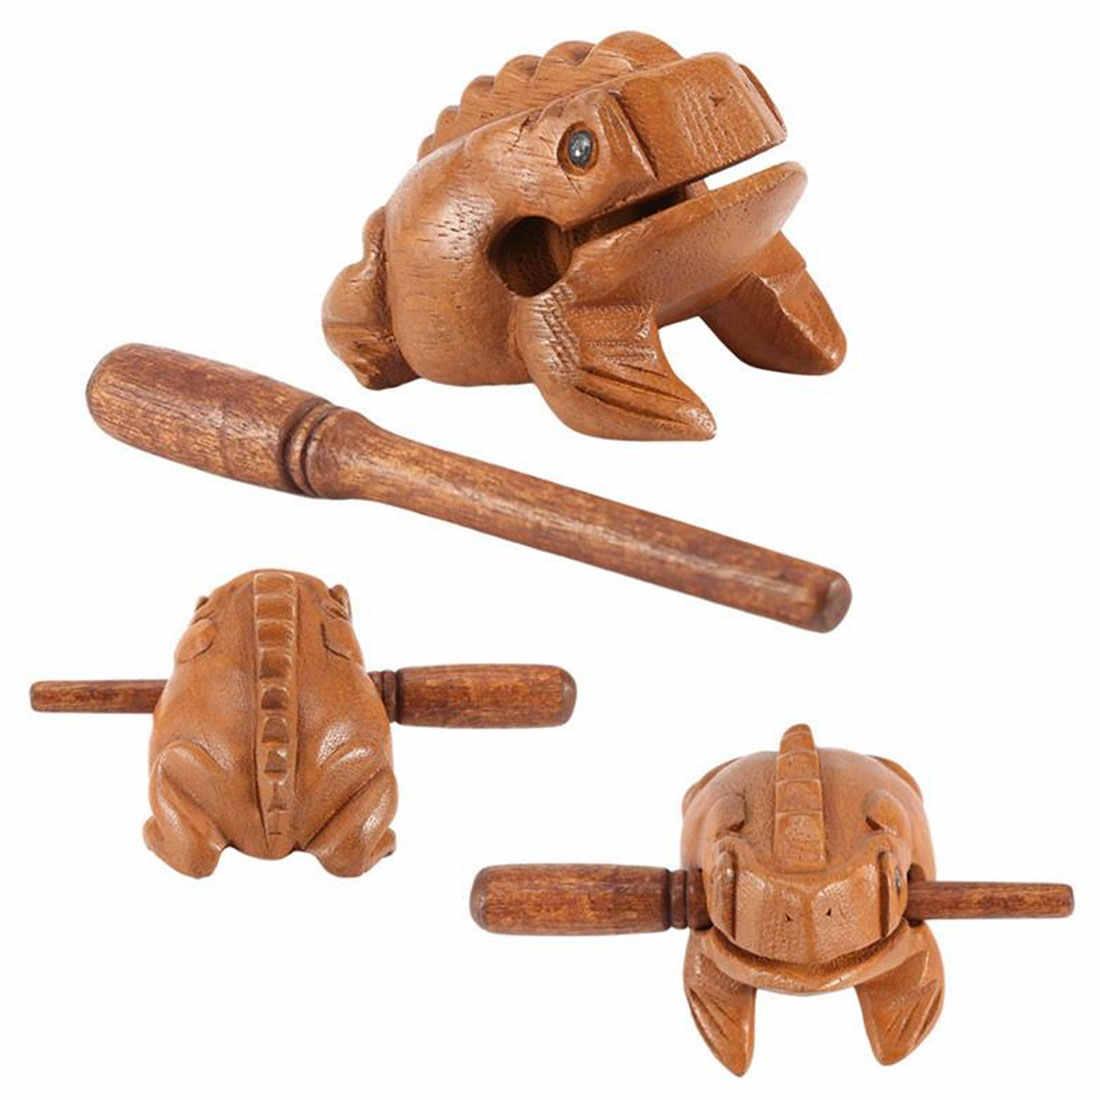 Rana de dinero S M Tailandia Feng Shui, ranas de madera artesanales de la suerte, decoración para el hogar y la Oficina, figuras de arte en miniatura, decoraciones